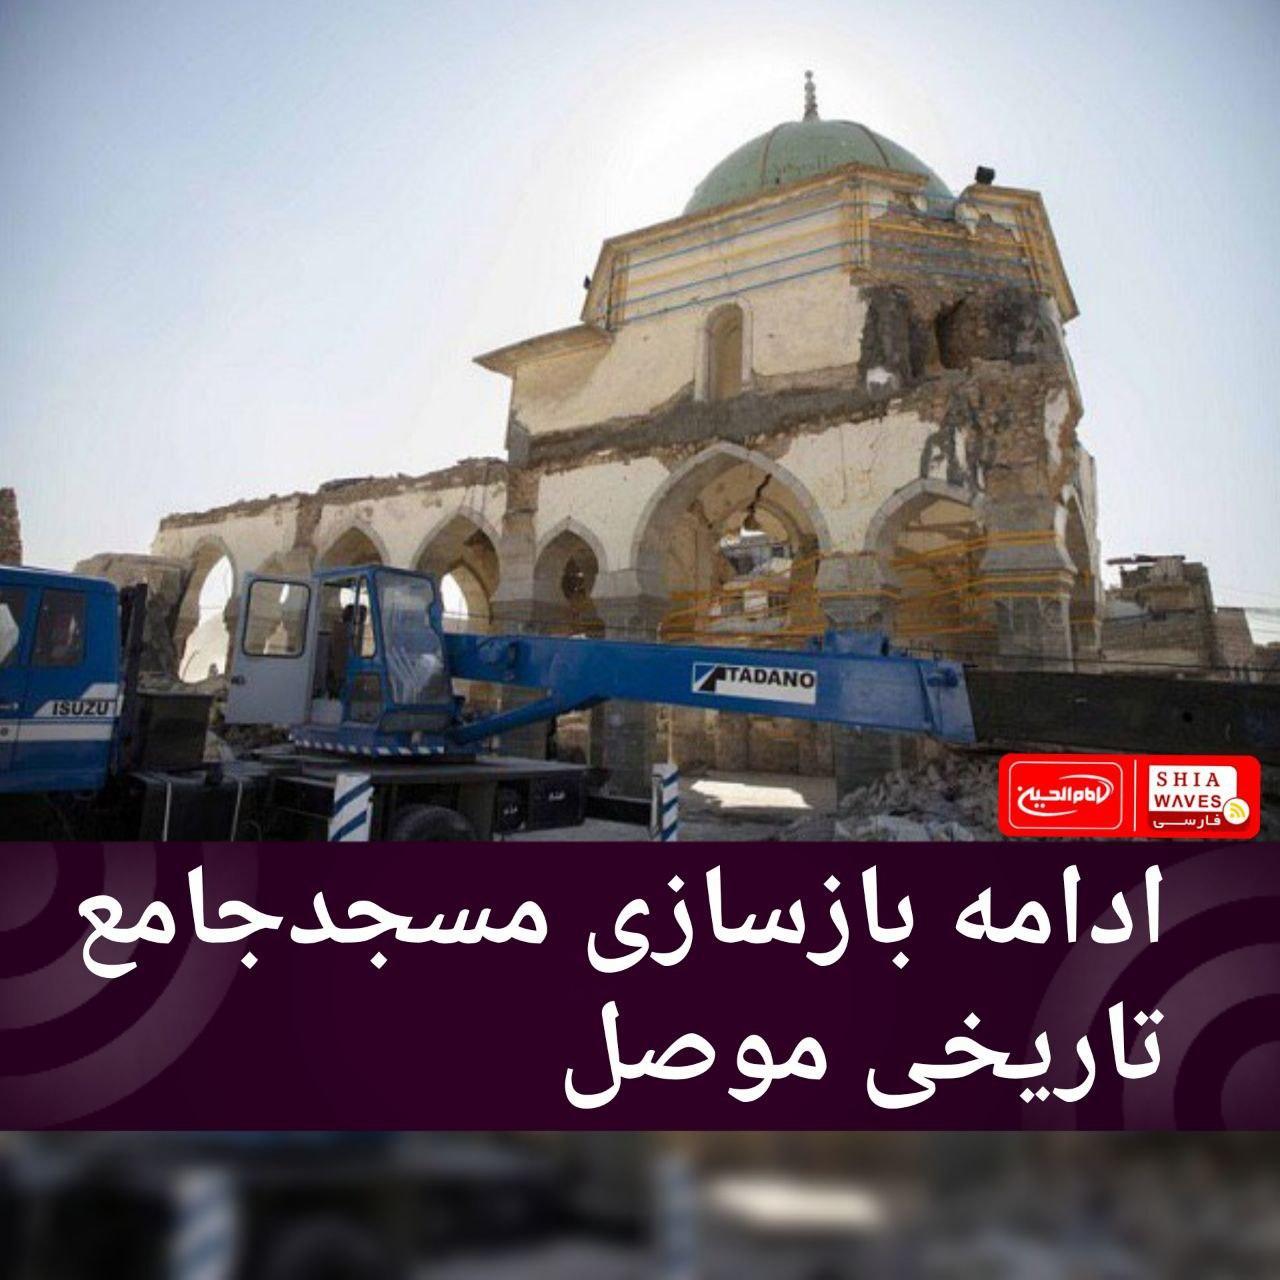 تصویر ادامه بازسازی مسجدجامع تاریخی موصل